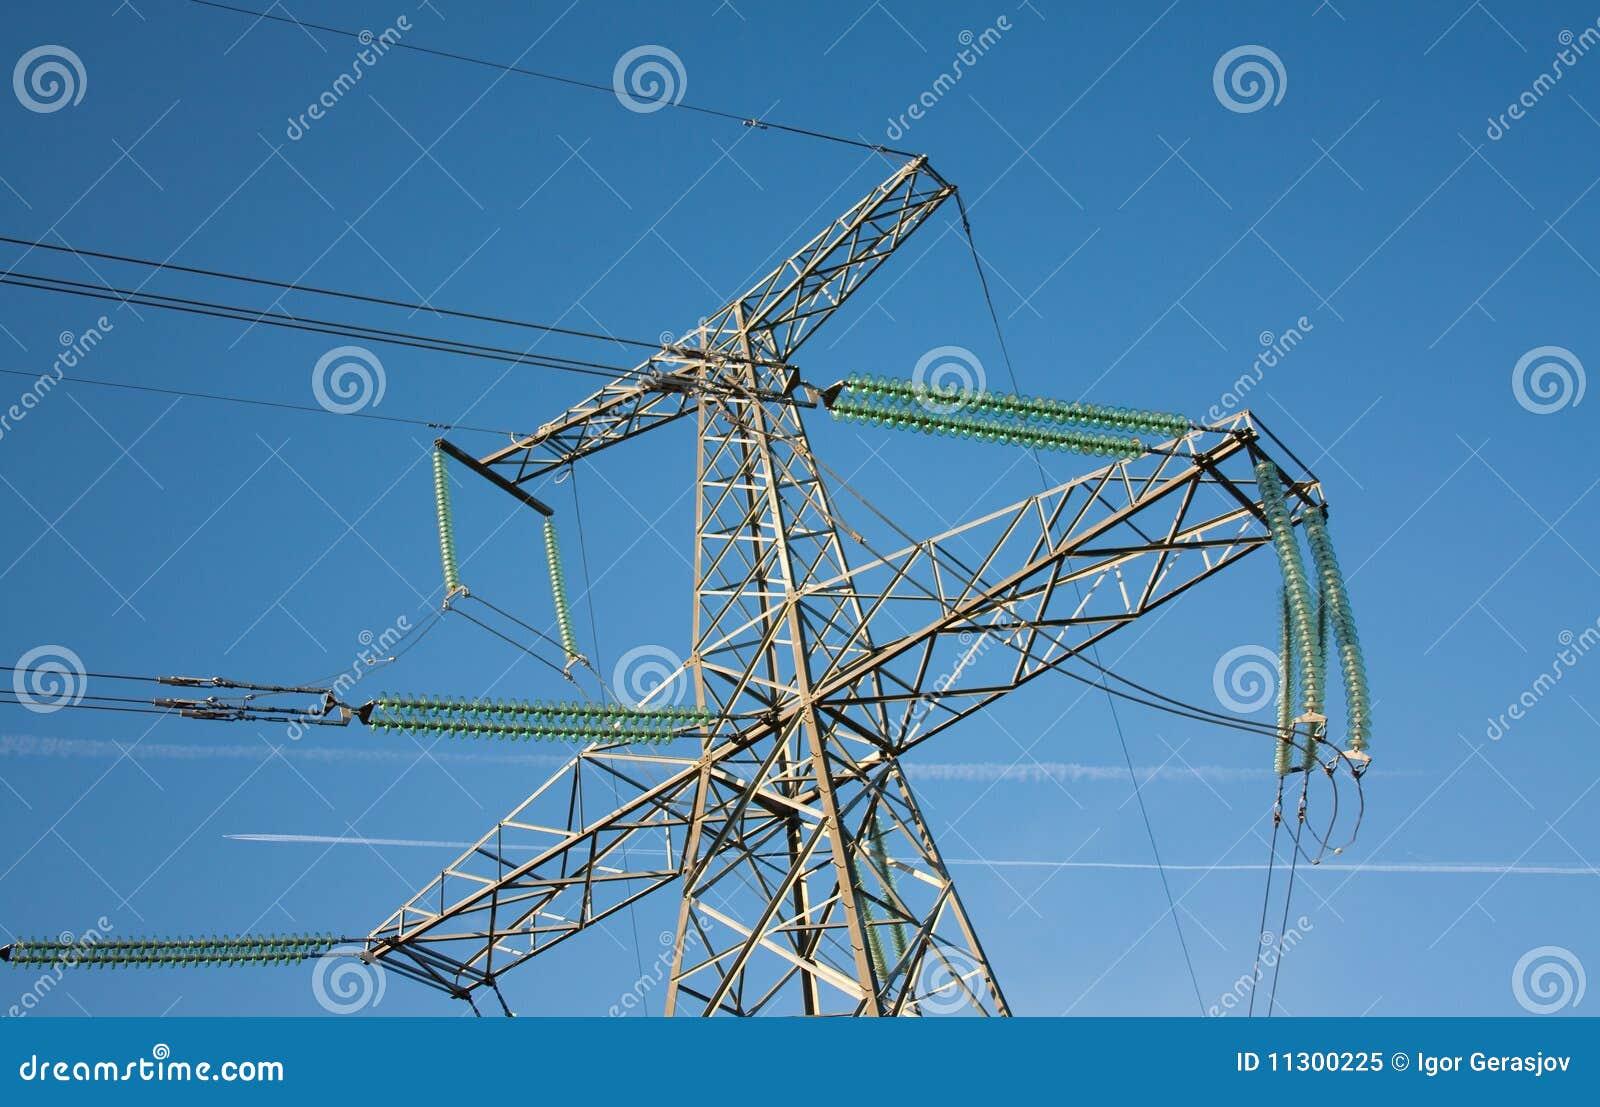 Geschmack von Elektrizität